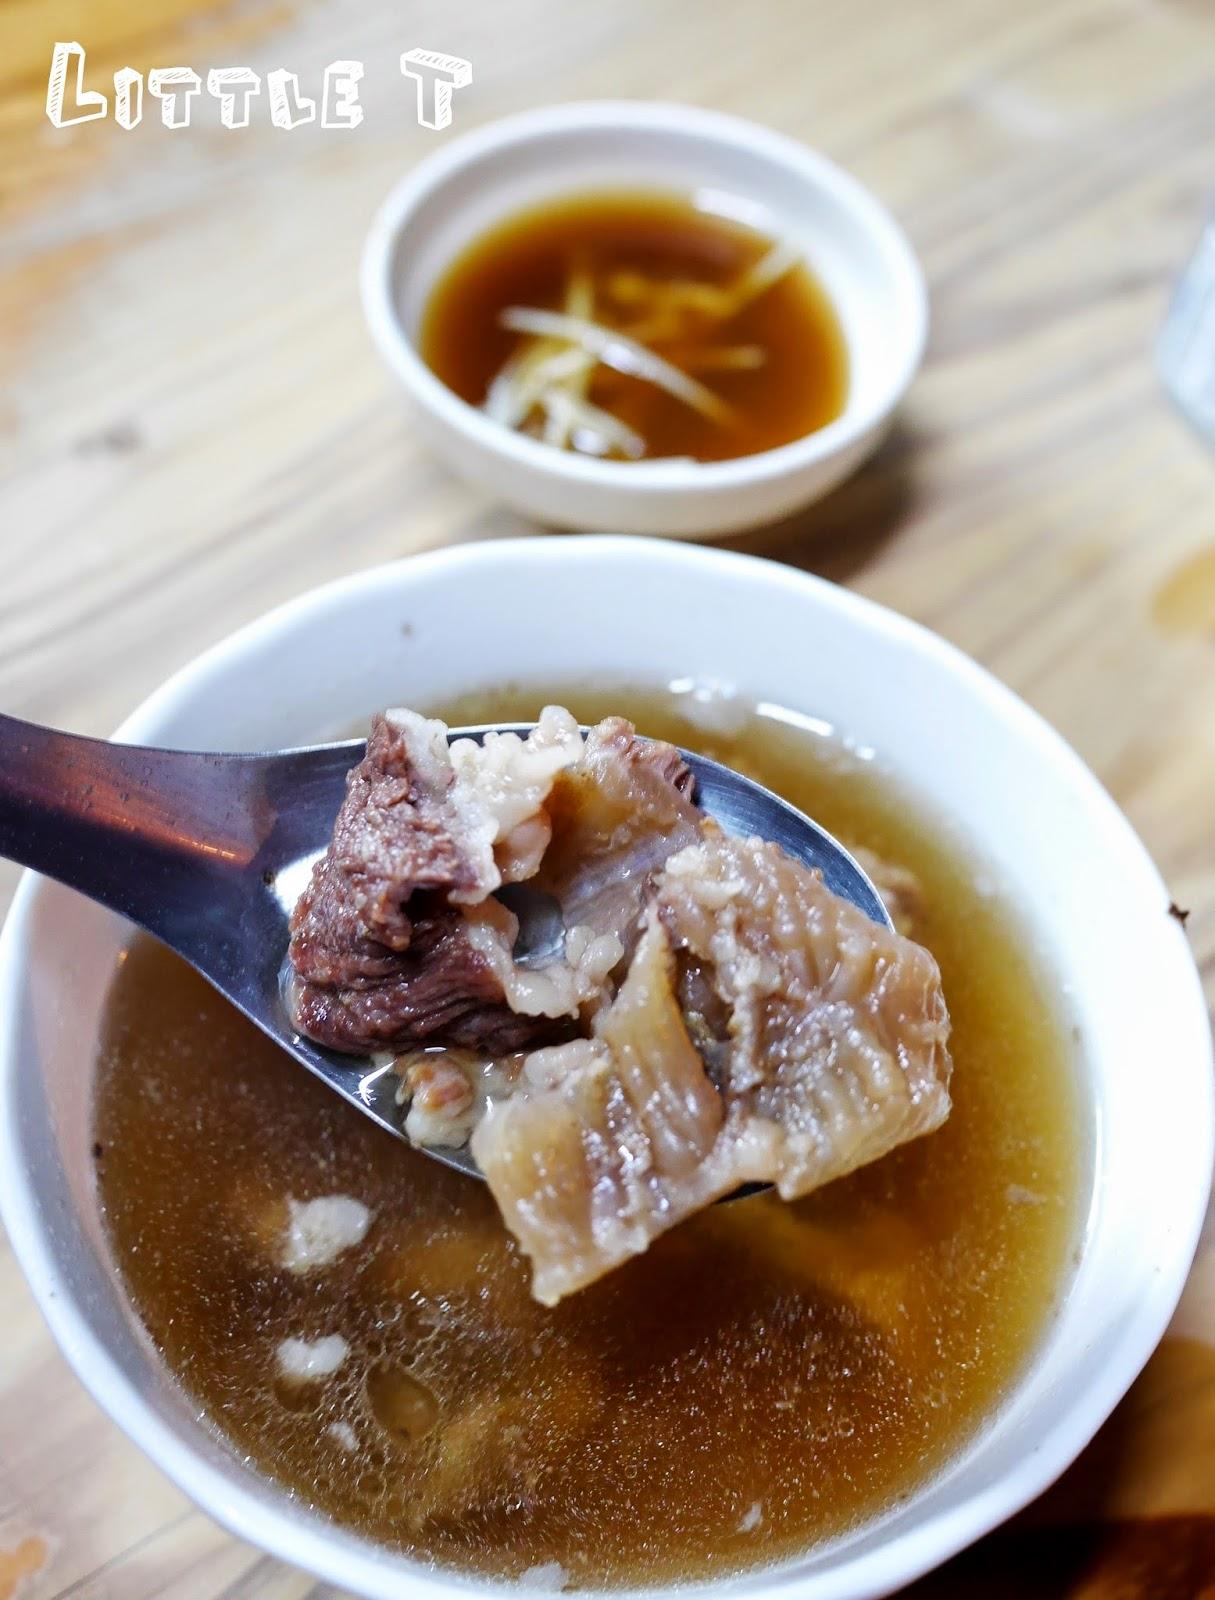 六千牛肉湯,台南凌晨四點半排隊才吃的到! 超人氣牛肉湯,超鮮甜啊!